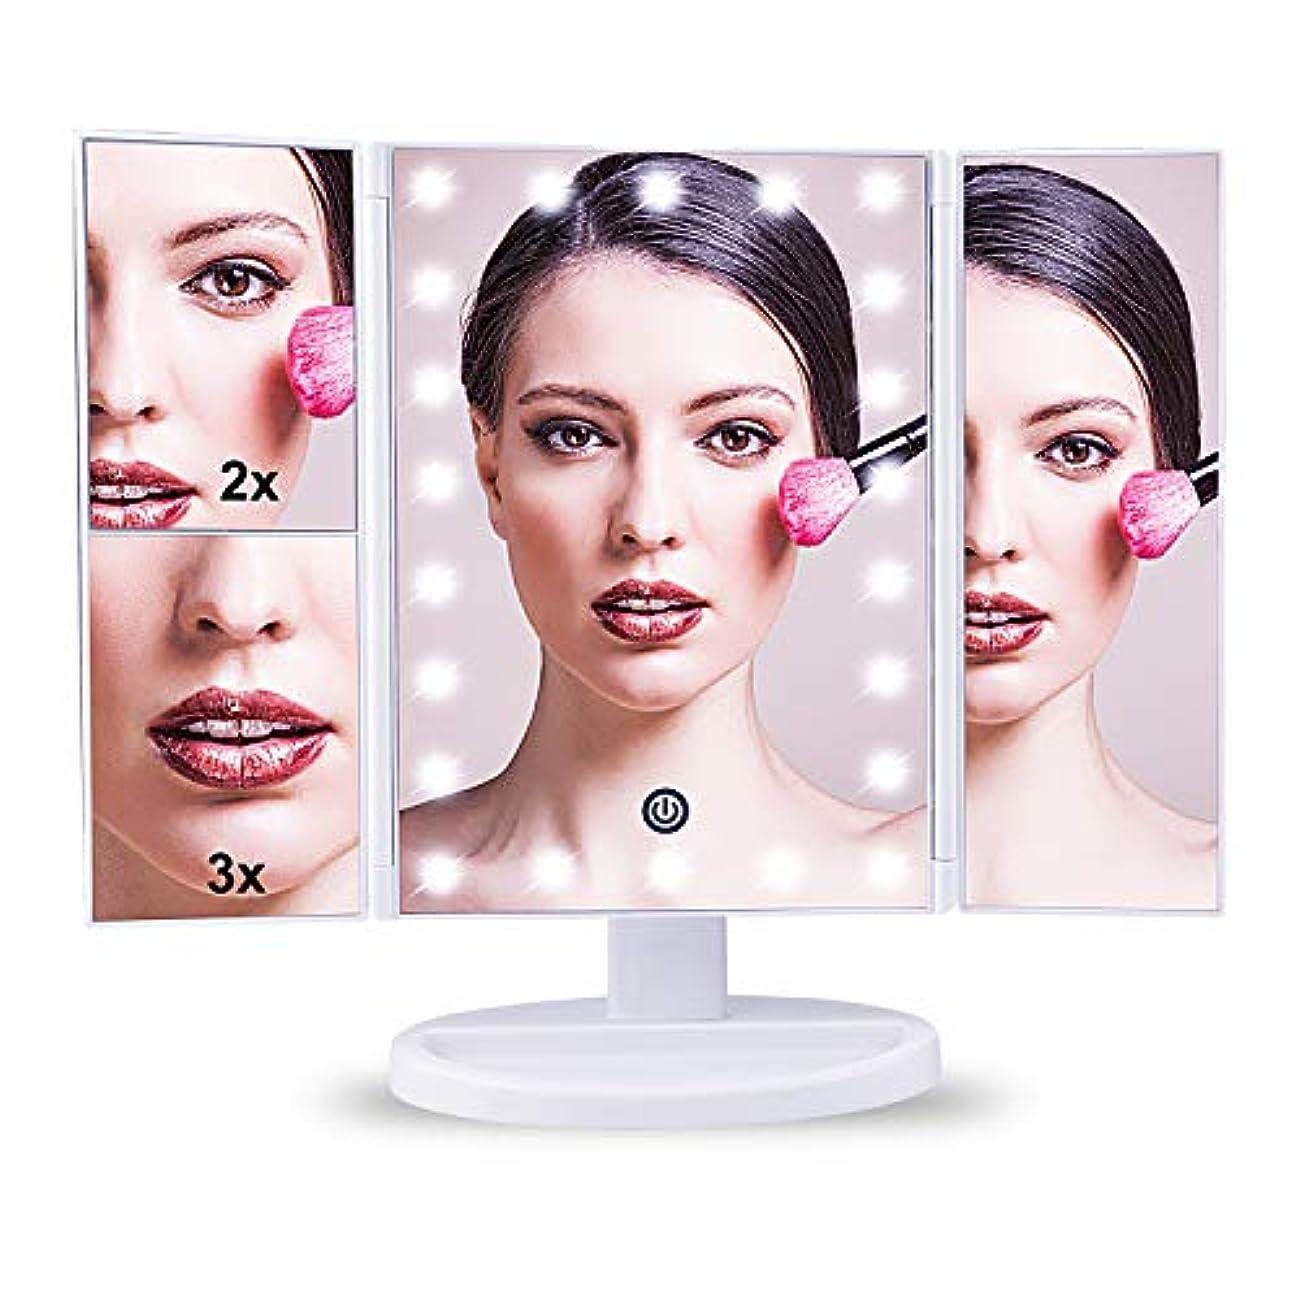 狂うだらしない病気だと思うTREE.NB 化粧鏡化粧化粧台ミラーデスクトップミラー拡大鏡ミラー2倍&3倍拡大LEDライトミラー明るさ調整可能180°回転バッテリー&USB 2WAY給電